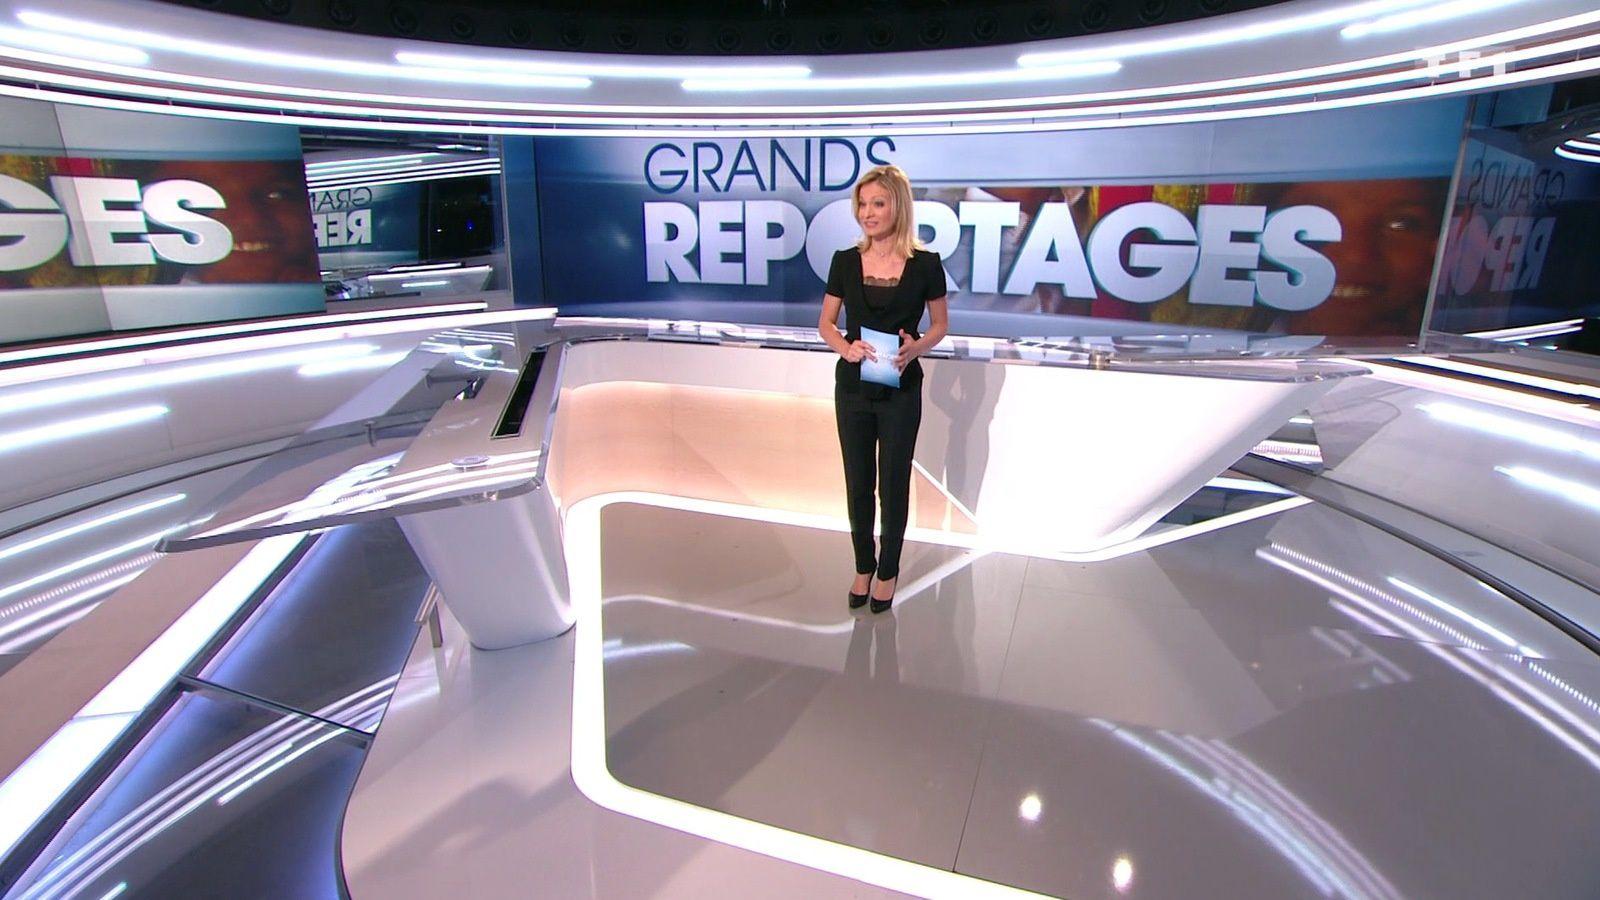 �4 ✨ AUDREY CRESPO-MARA ✨ @audrey_crespo ce midi @TF1 pour GRANDS REPORTAGES #vuesalatele